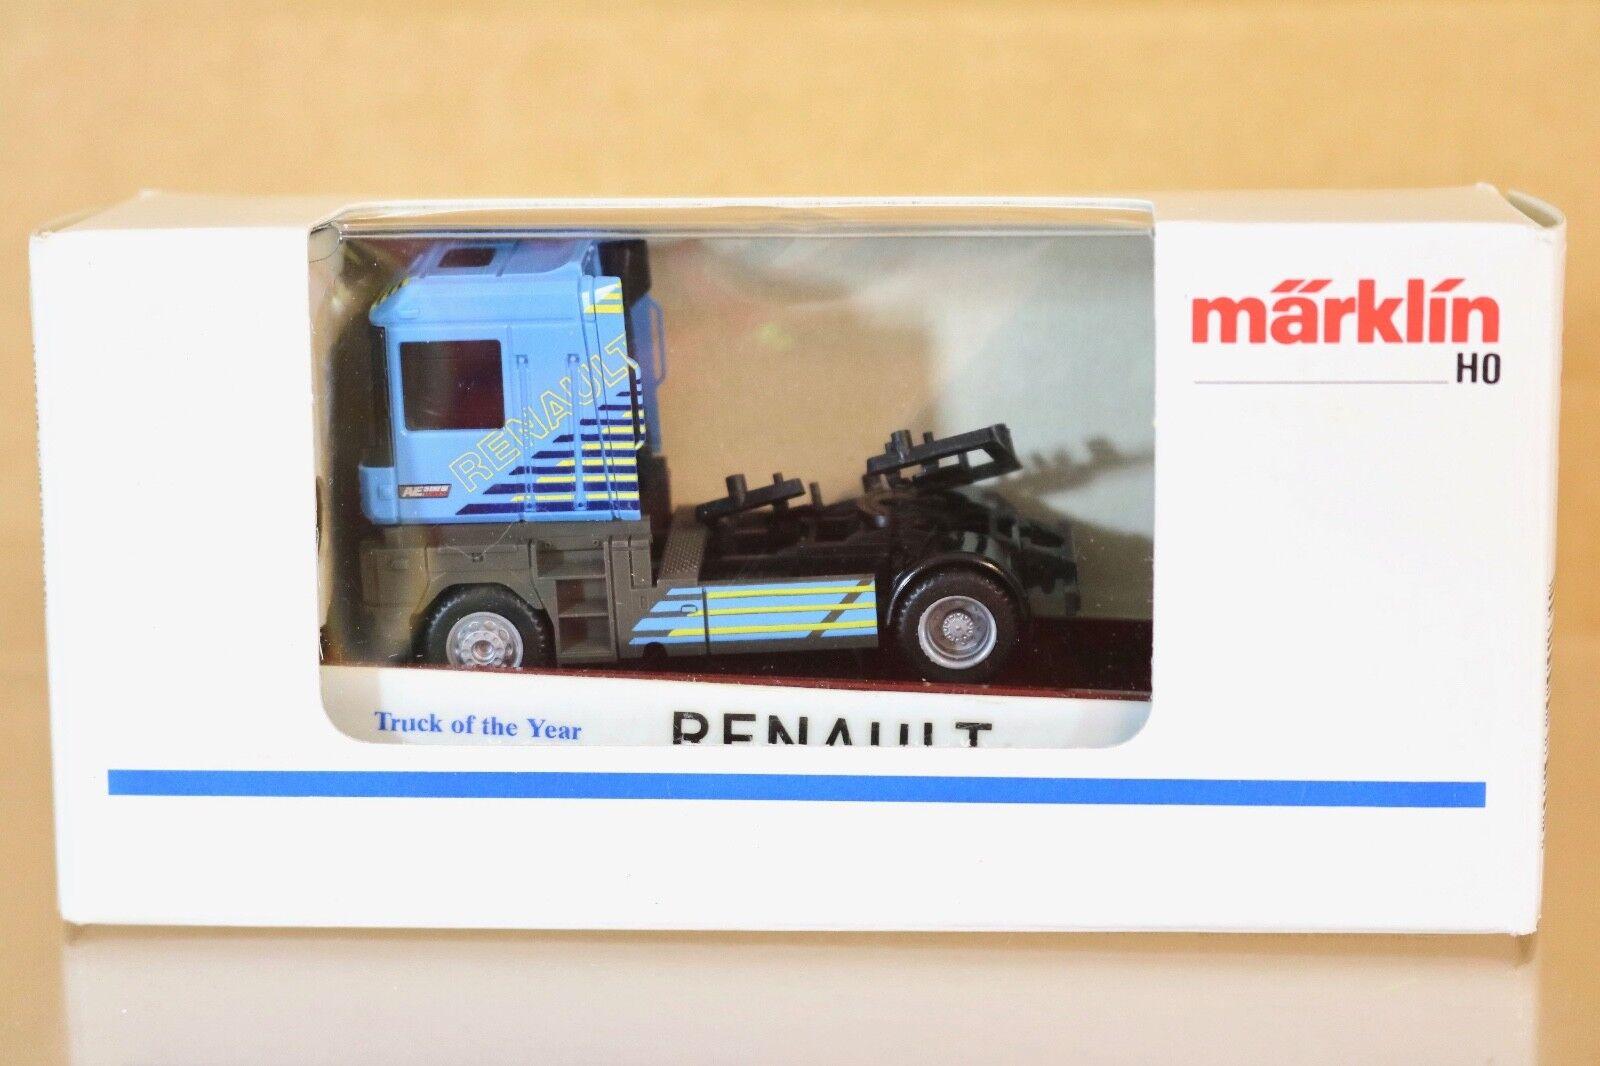 Marklin 4423 Sondermodellllerl Plat Wagon blå Renault AE500 Camion de L'Ann 65533;rough 65533e e Nq